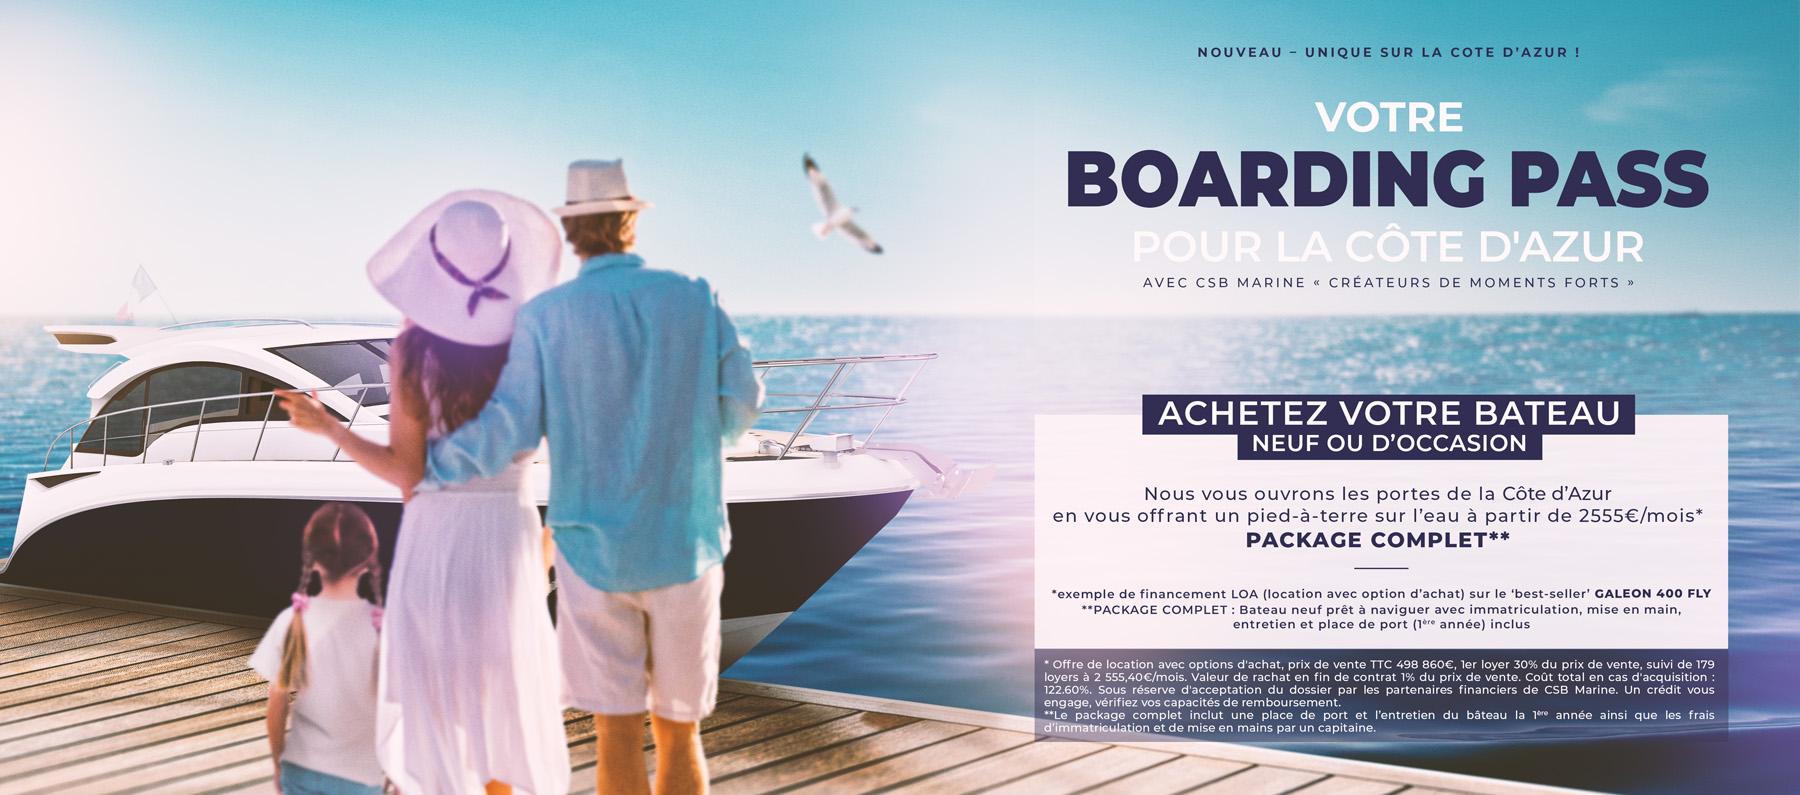 Votre boarding pass pour la Côte d'Azur avec CSB Marine, créateurs de moments forts. Achetez votre Galeon 400 FLY neuf ou d'occasion. Nous vous ouvrons les portes de la cote d'azur en vous offrant un pied-à-terre sur l'eau à partir de 2555€ par mois. Package complet